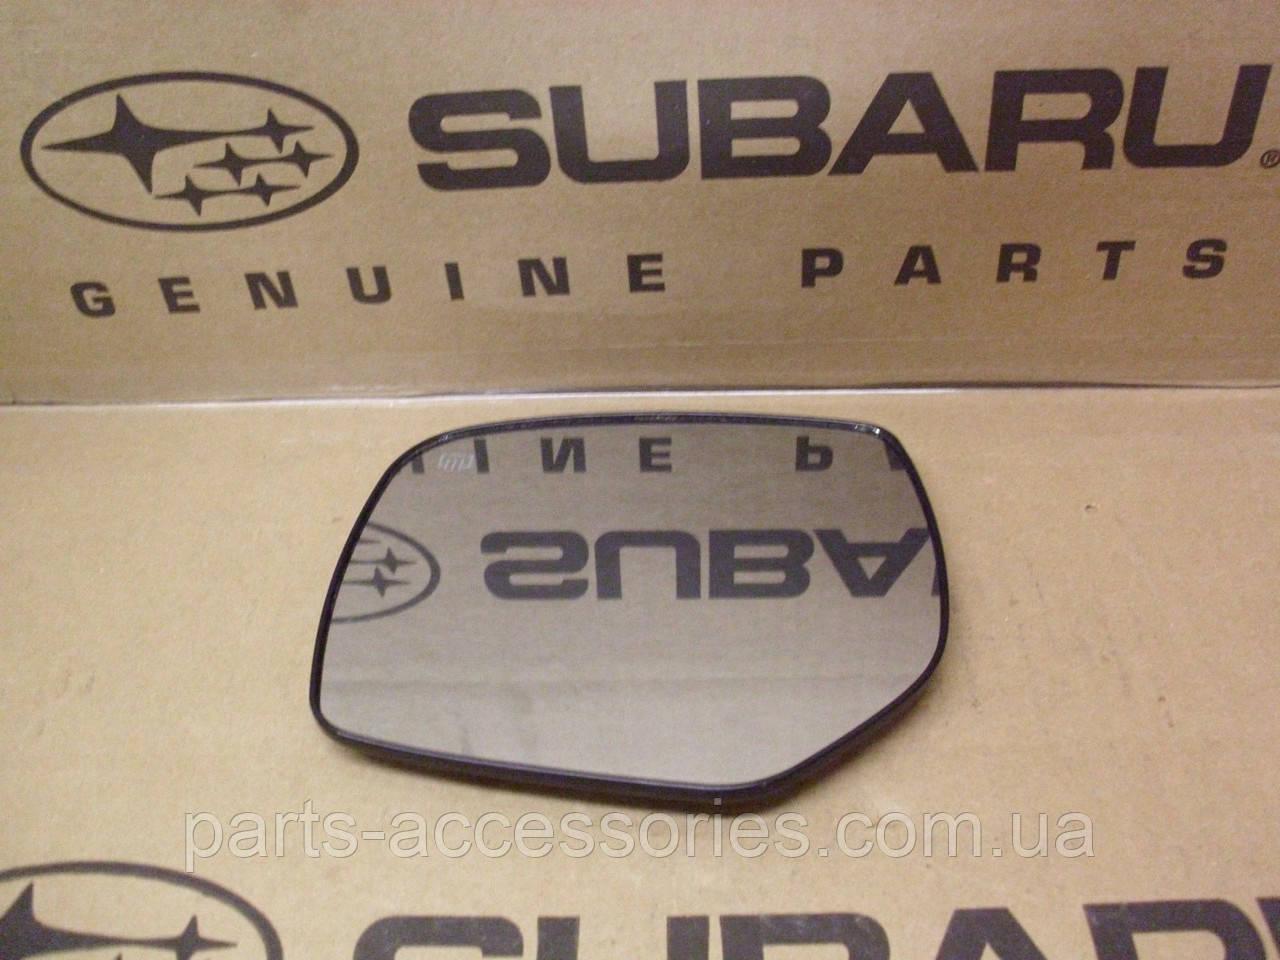 Subaru XV Crosstrek дзеркало ліве скляшка лівого дзеркала нова оригінал